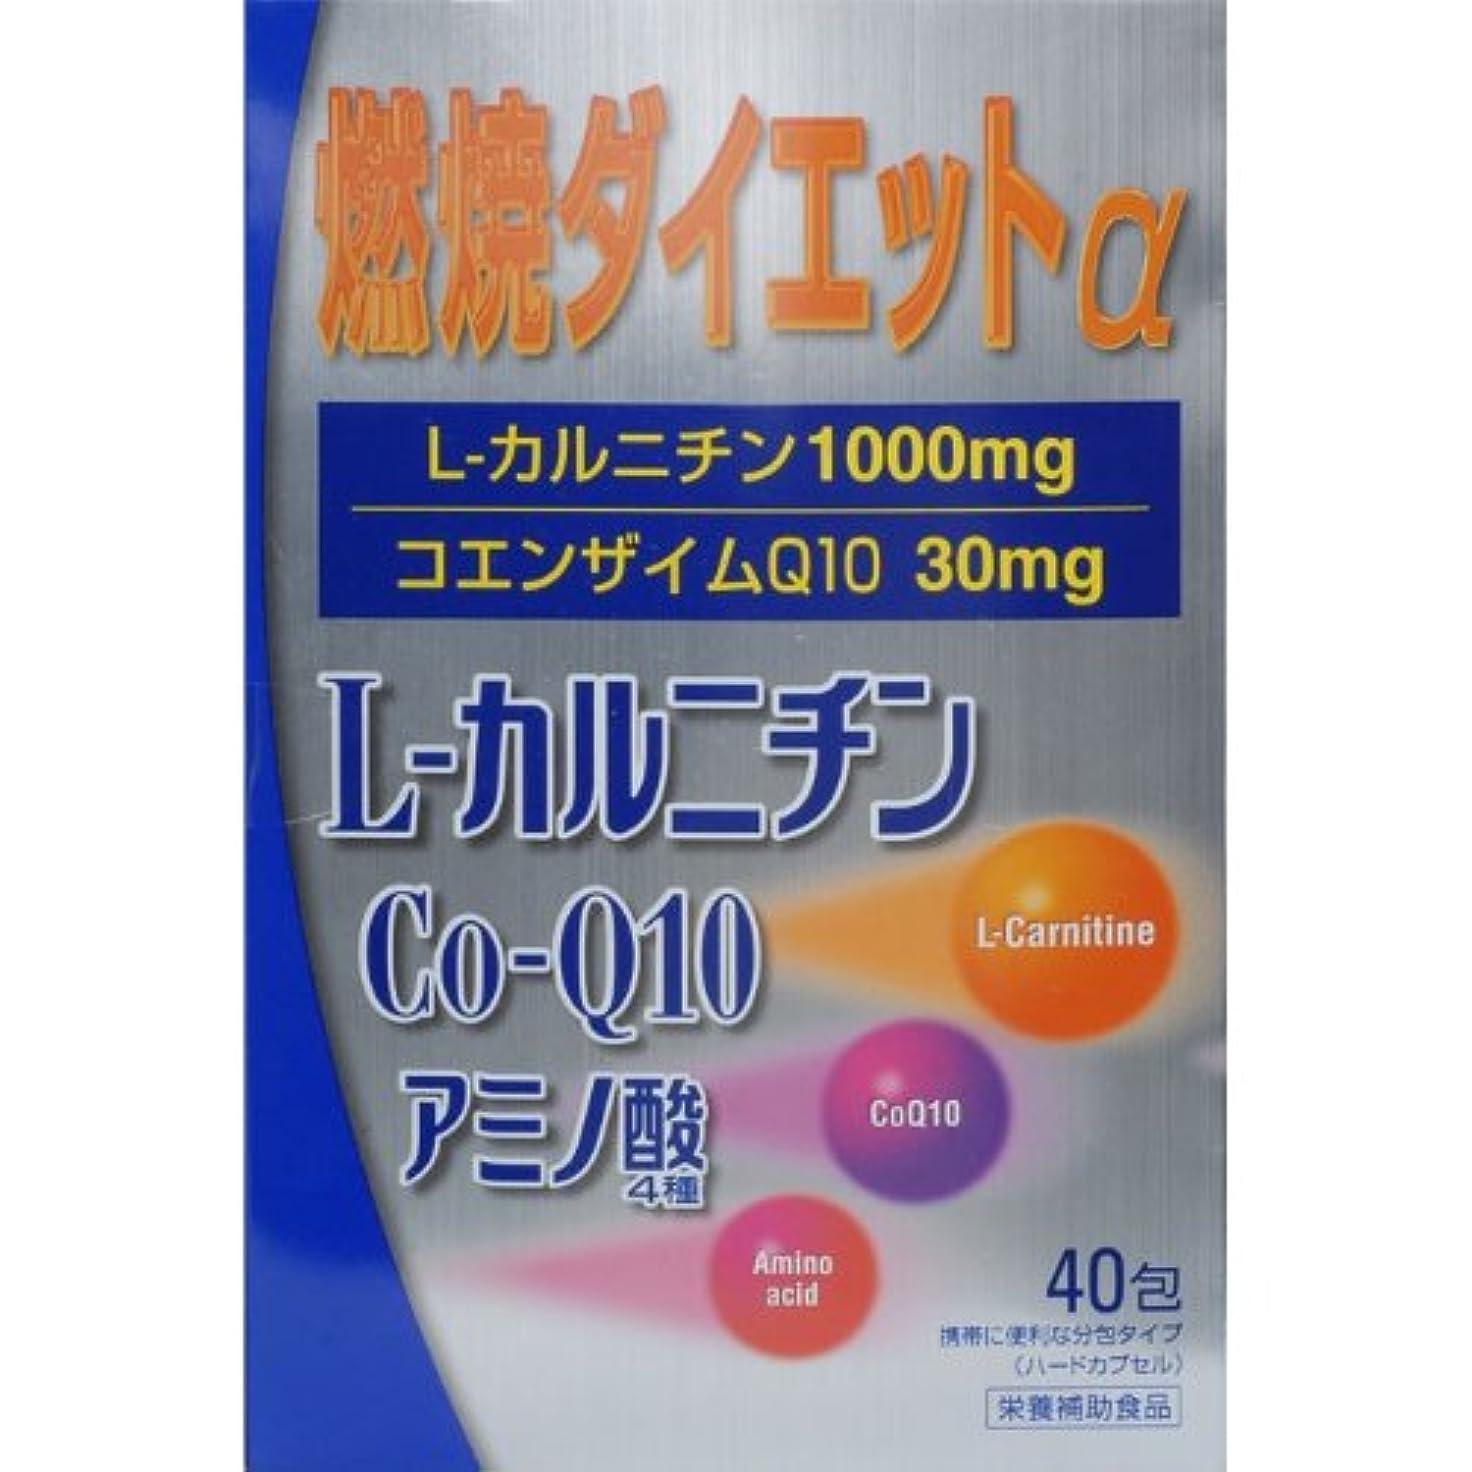 熱帯の日常的にタイムリーな燃焼ダイエットL‐カルニチンα 40包